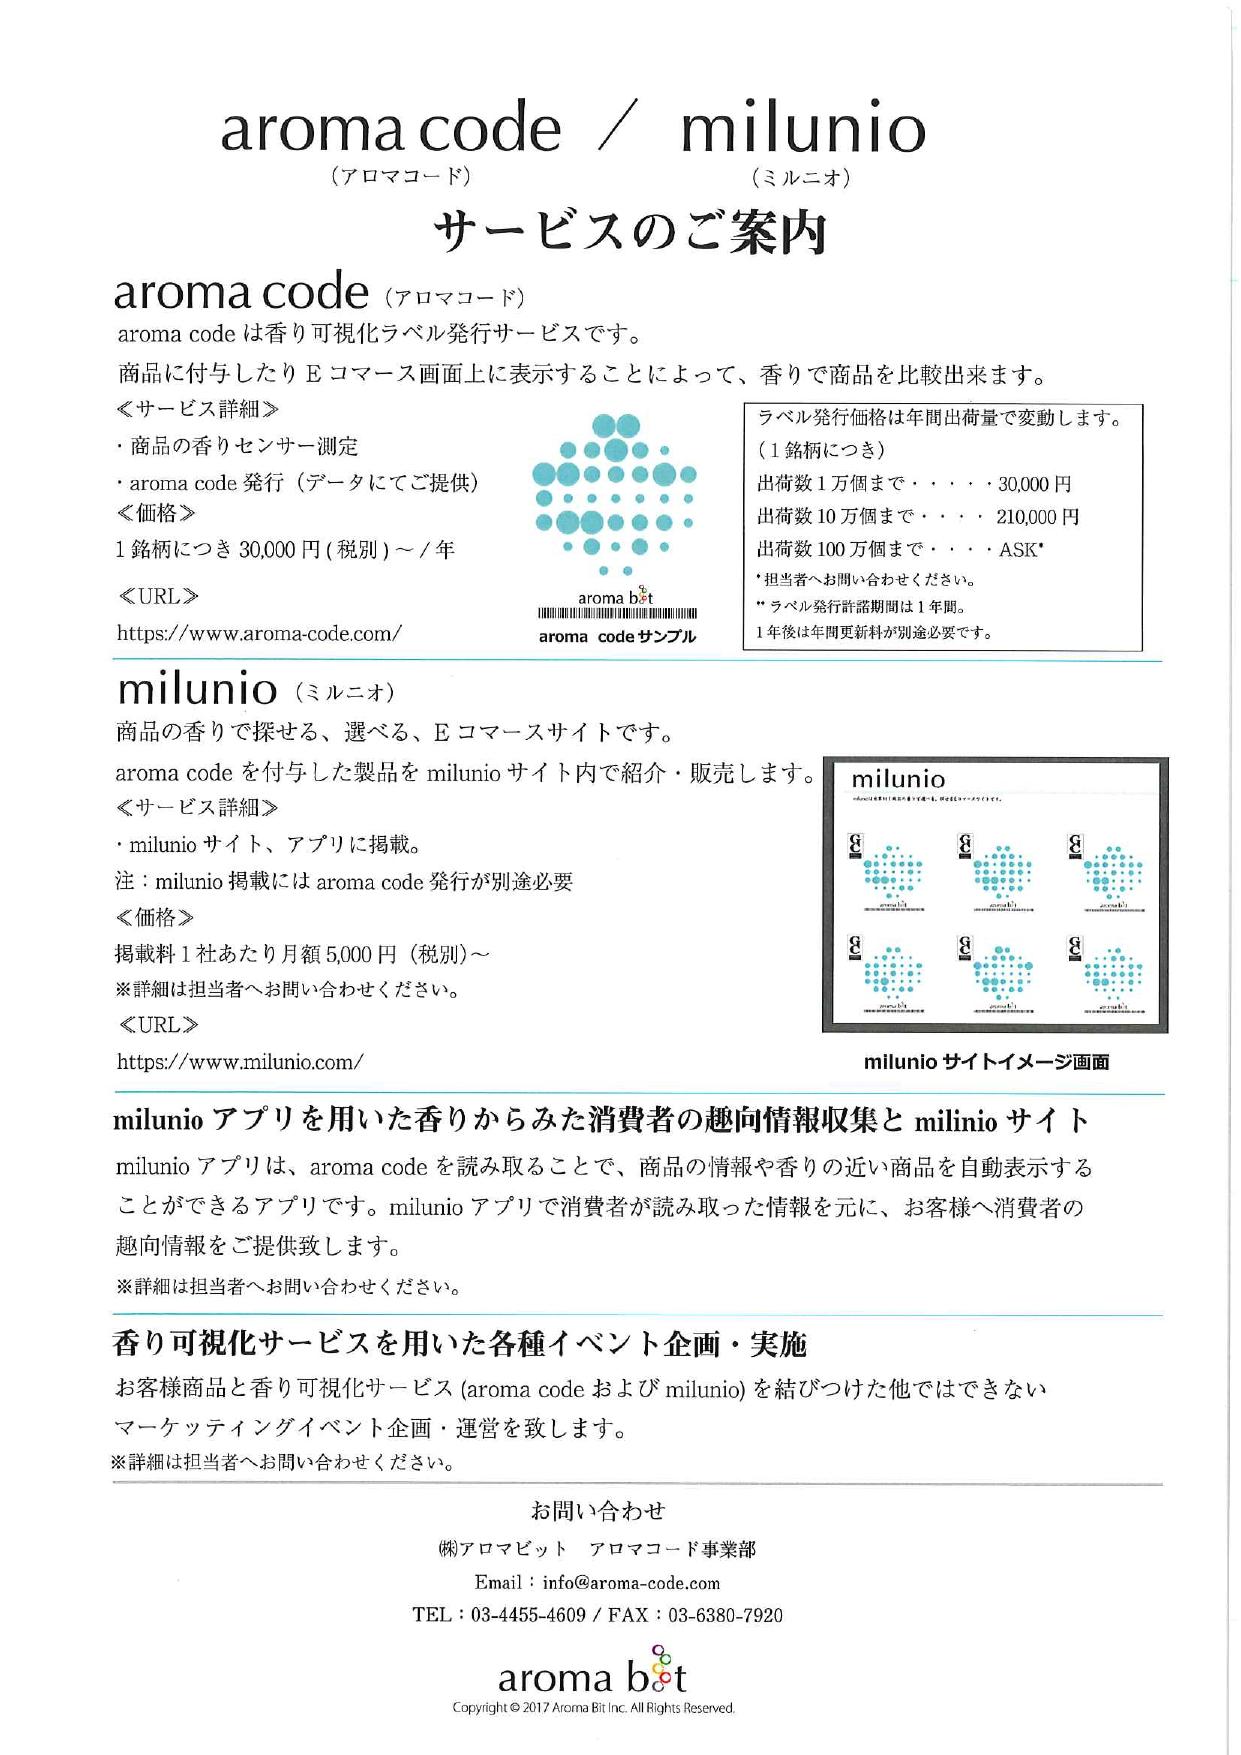 香り可視化ラベル発行 aroma code / Eコマースサイトmilunio